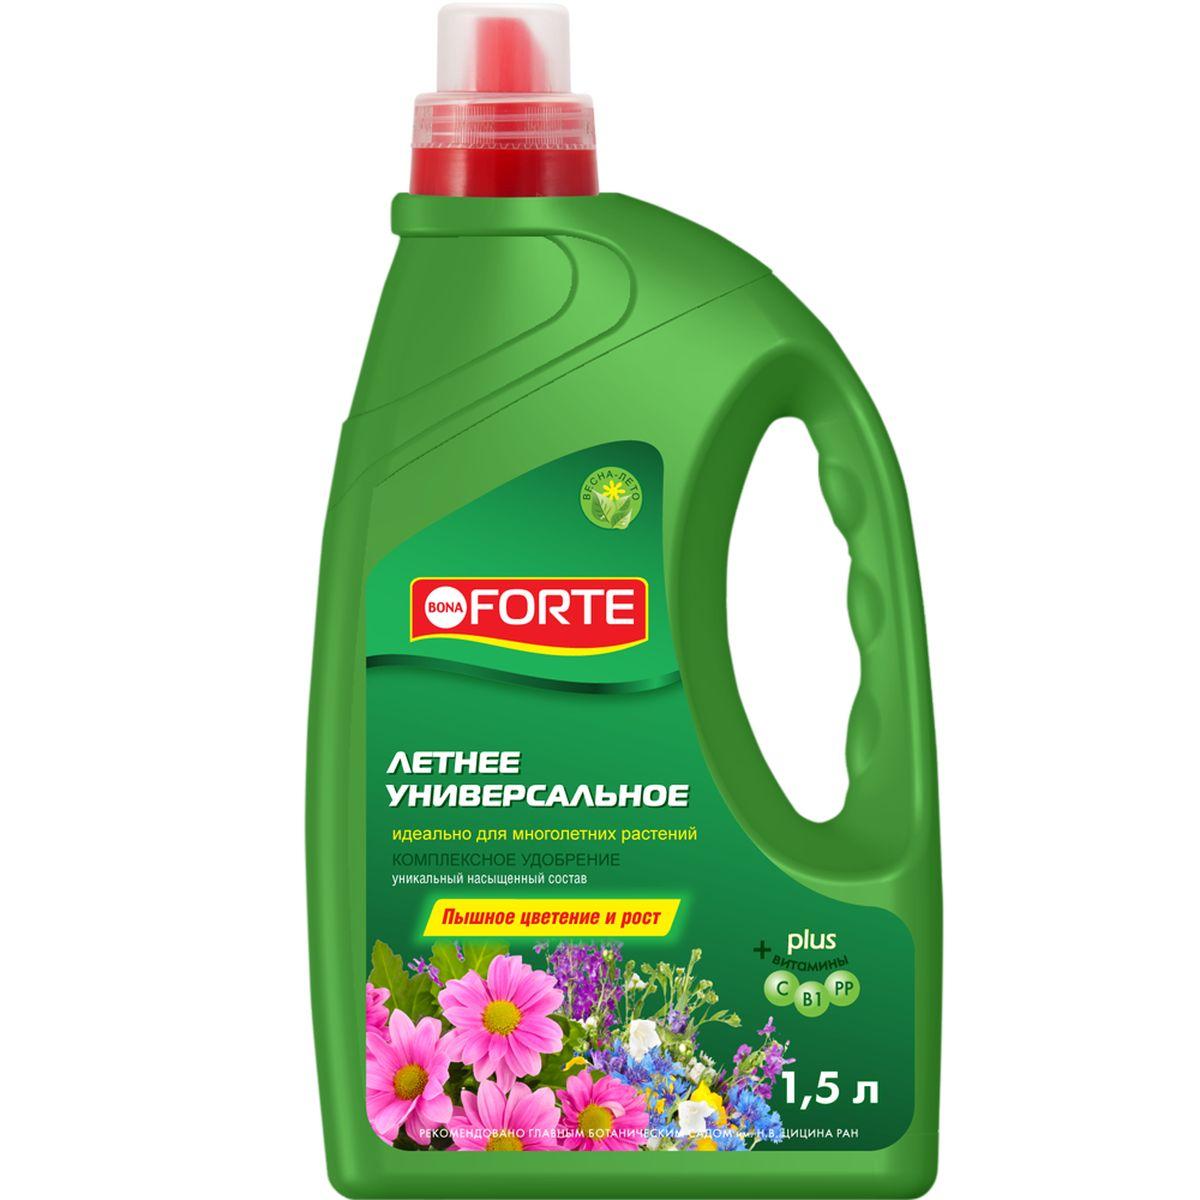 Жидкое комплексное удобрение Bona Forte, универсальное, 1,5 лBF-21-04-015-1Удобрение Bona Forte способствует пышному и яркому цветению, подходит для многолетних растений. Высококонцентрированный, насыщенный состав: - NPK+Mg (5:5:9 + 1,5 ); - микроэлементы (в хелатной форме); - витамины; - стимулятор роста - янтарная кислота.Товар сертифицирован.